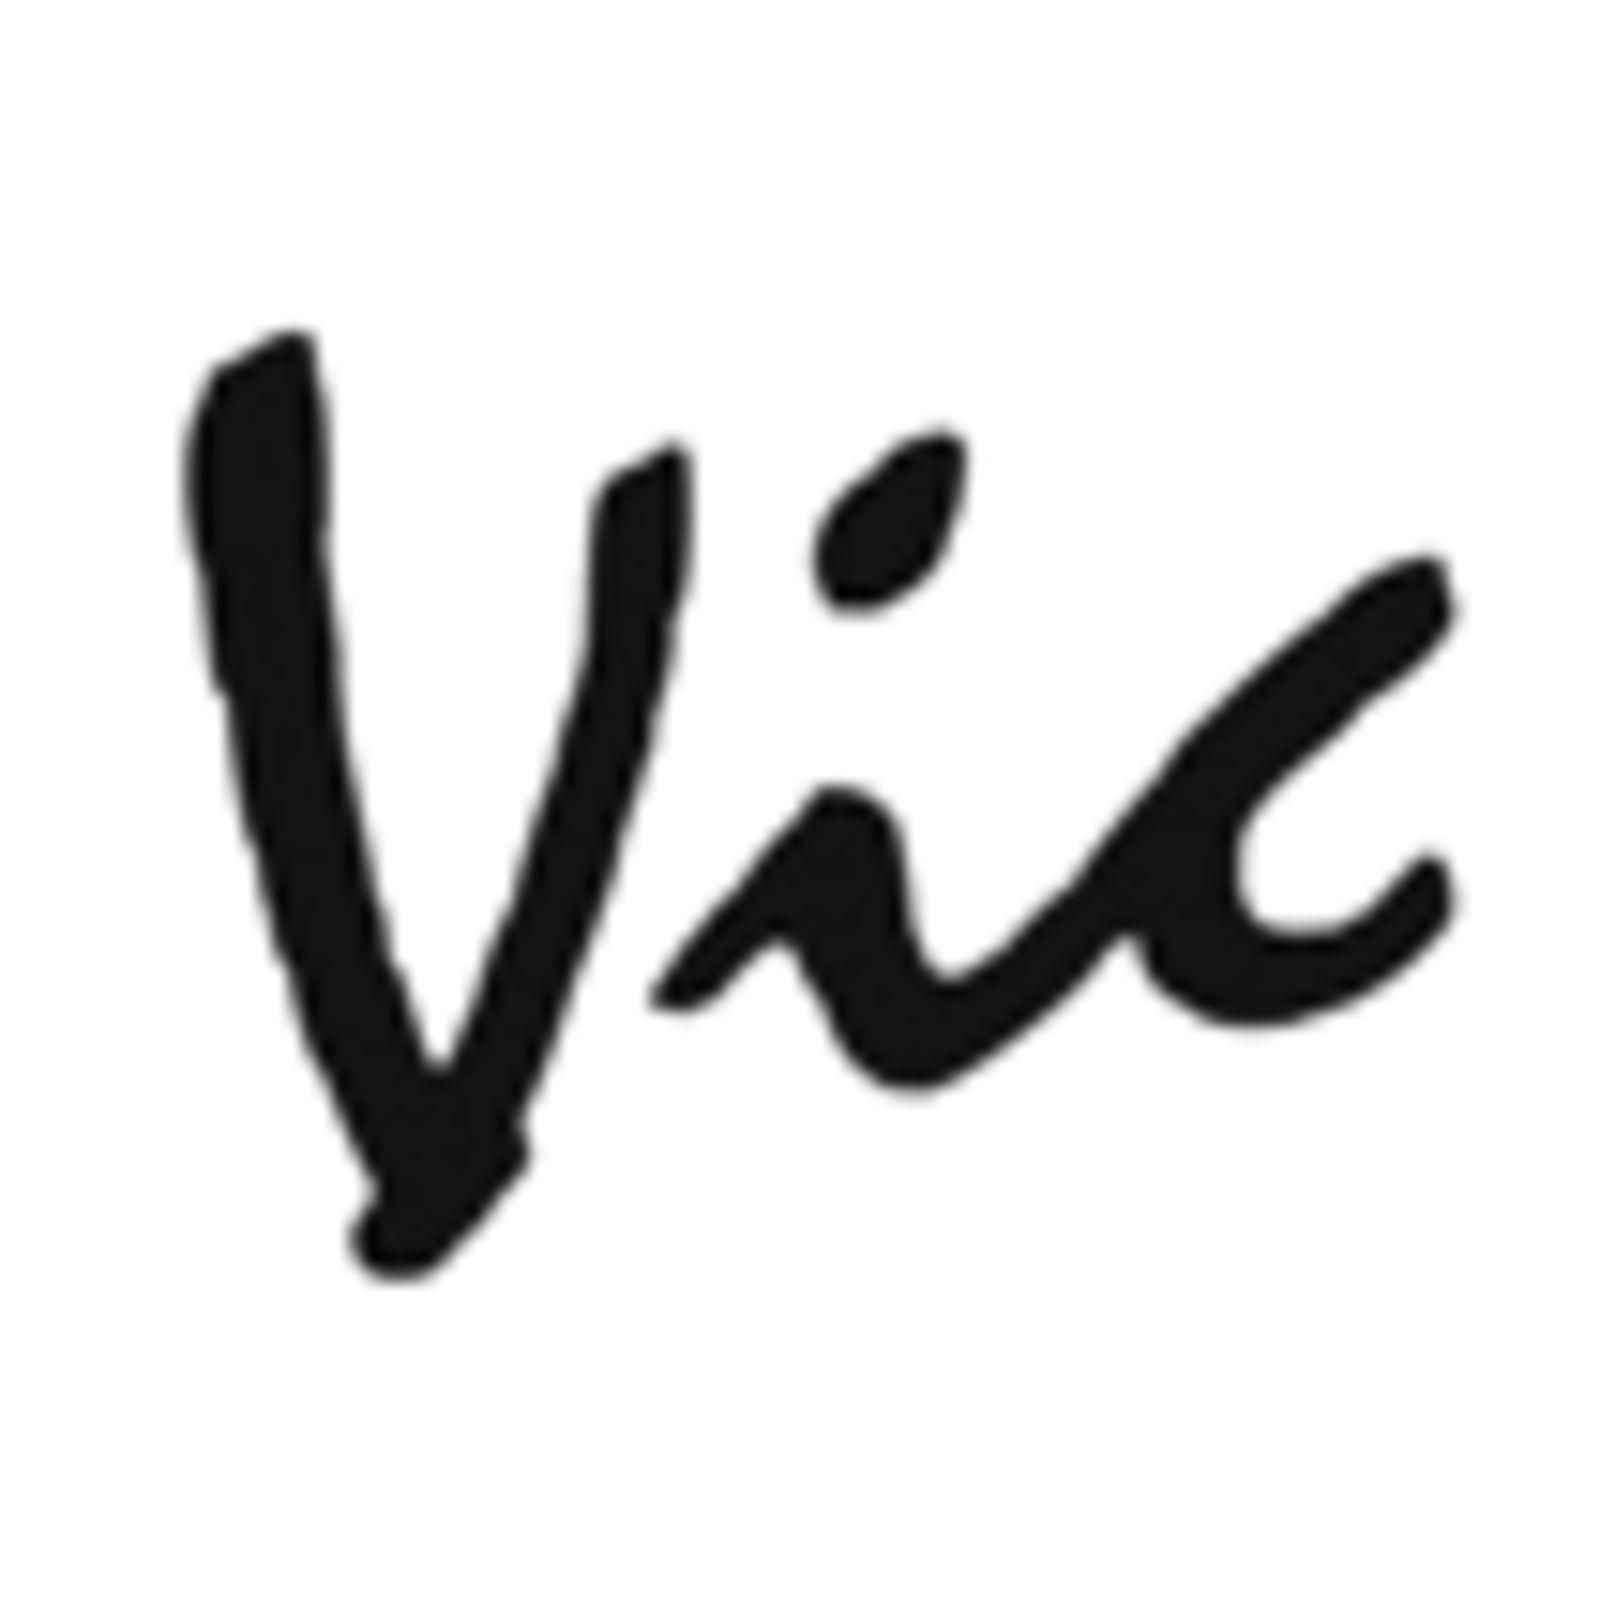 Vic VIC MATIĒ